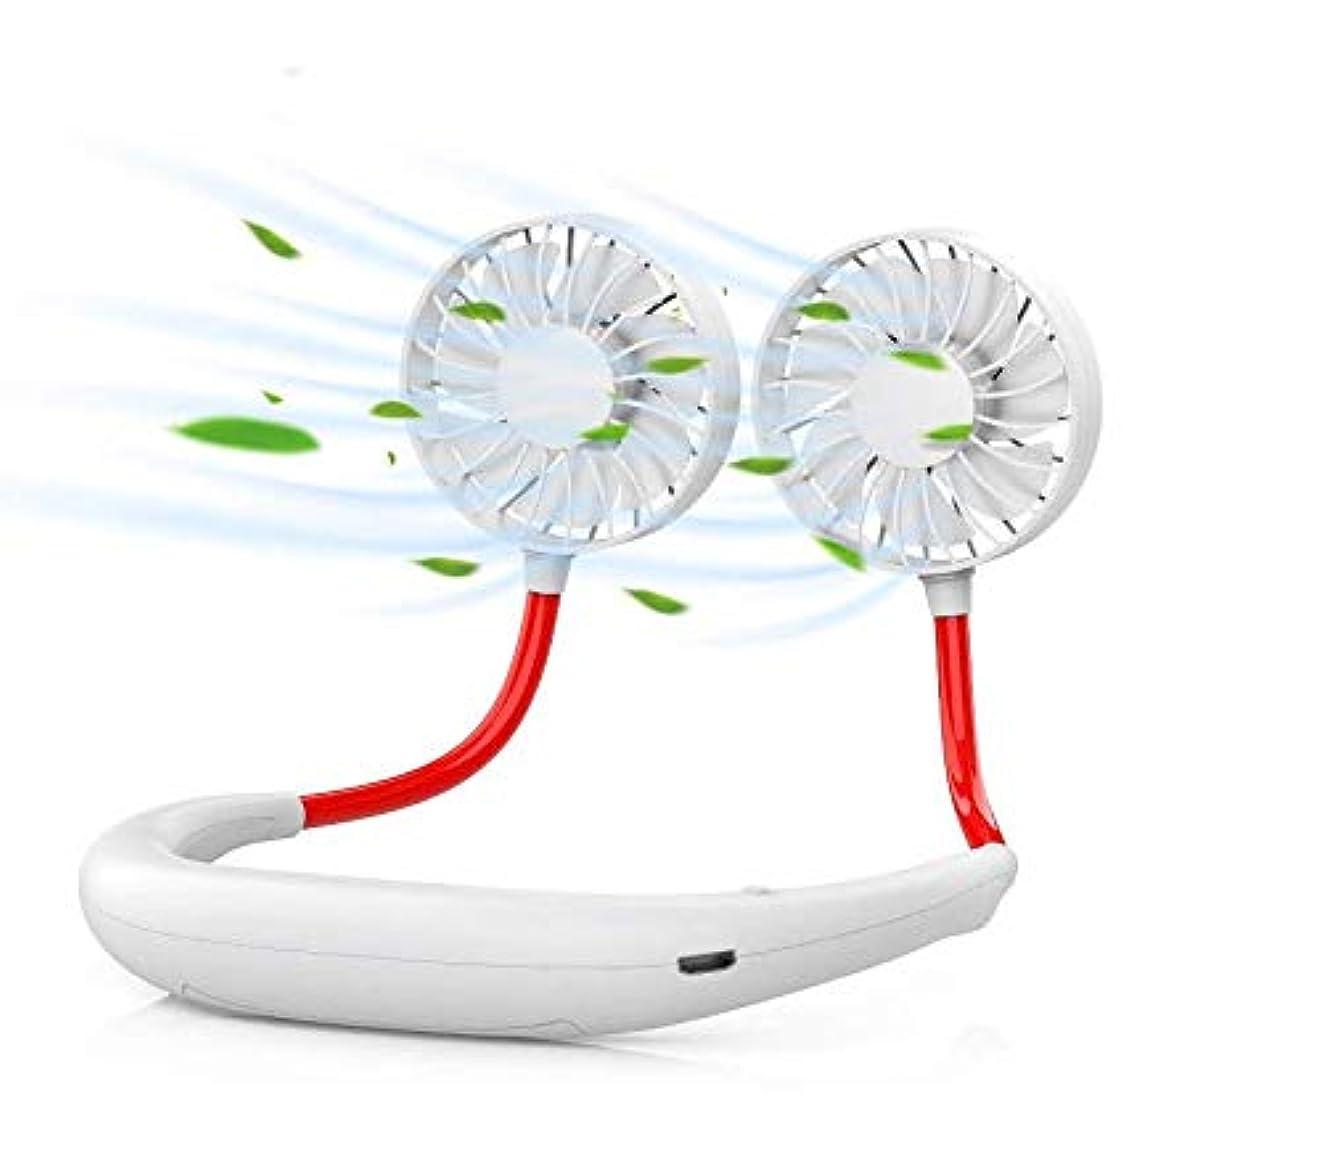 根拠フラップ寛解Pichidr 卓上扇風機 肩掛け ミニ扇風機 卓上扇風機 手持ち式 2019年最新バージョンファン 風量3段階調節 強風 充電クリップ式 超強力 手持ち/卓上置き両用 持ち運び便利 熱中症対策グッズ